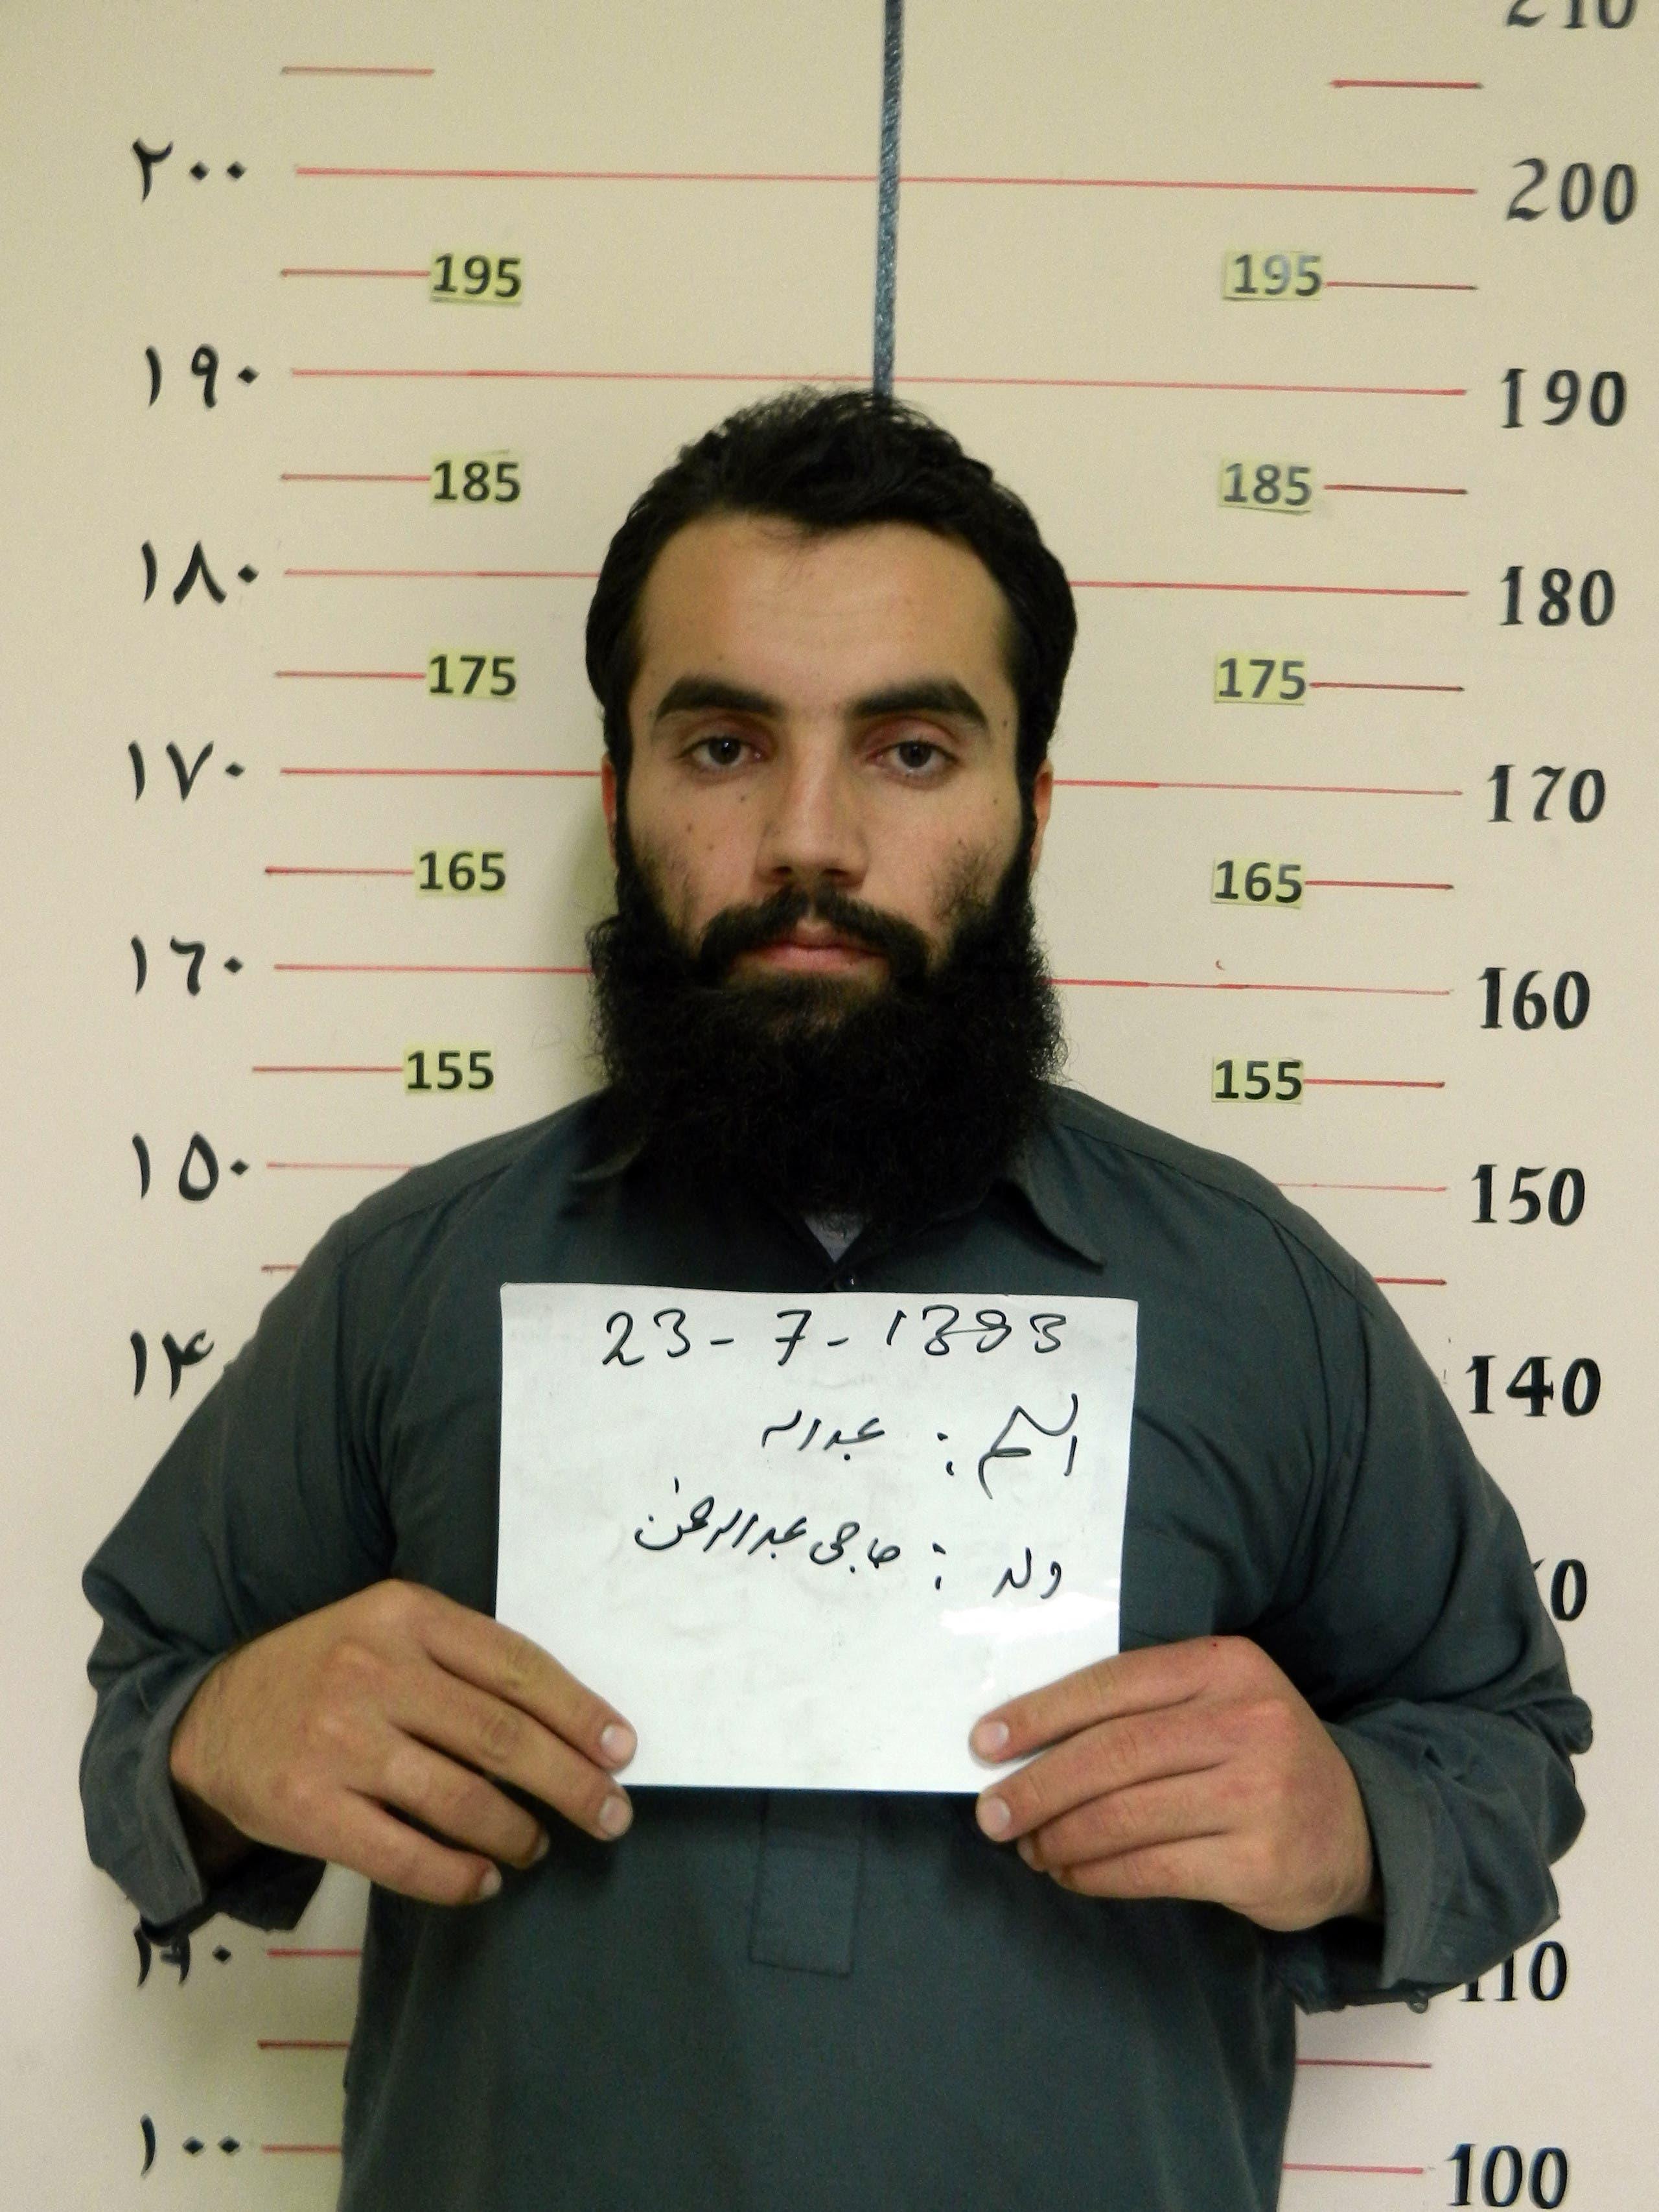 أنس حقاني عند إلقاء القبض عليه في 2014